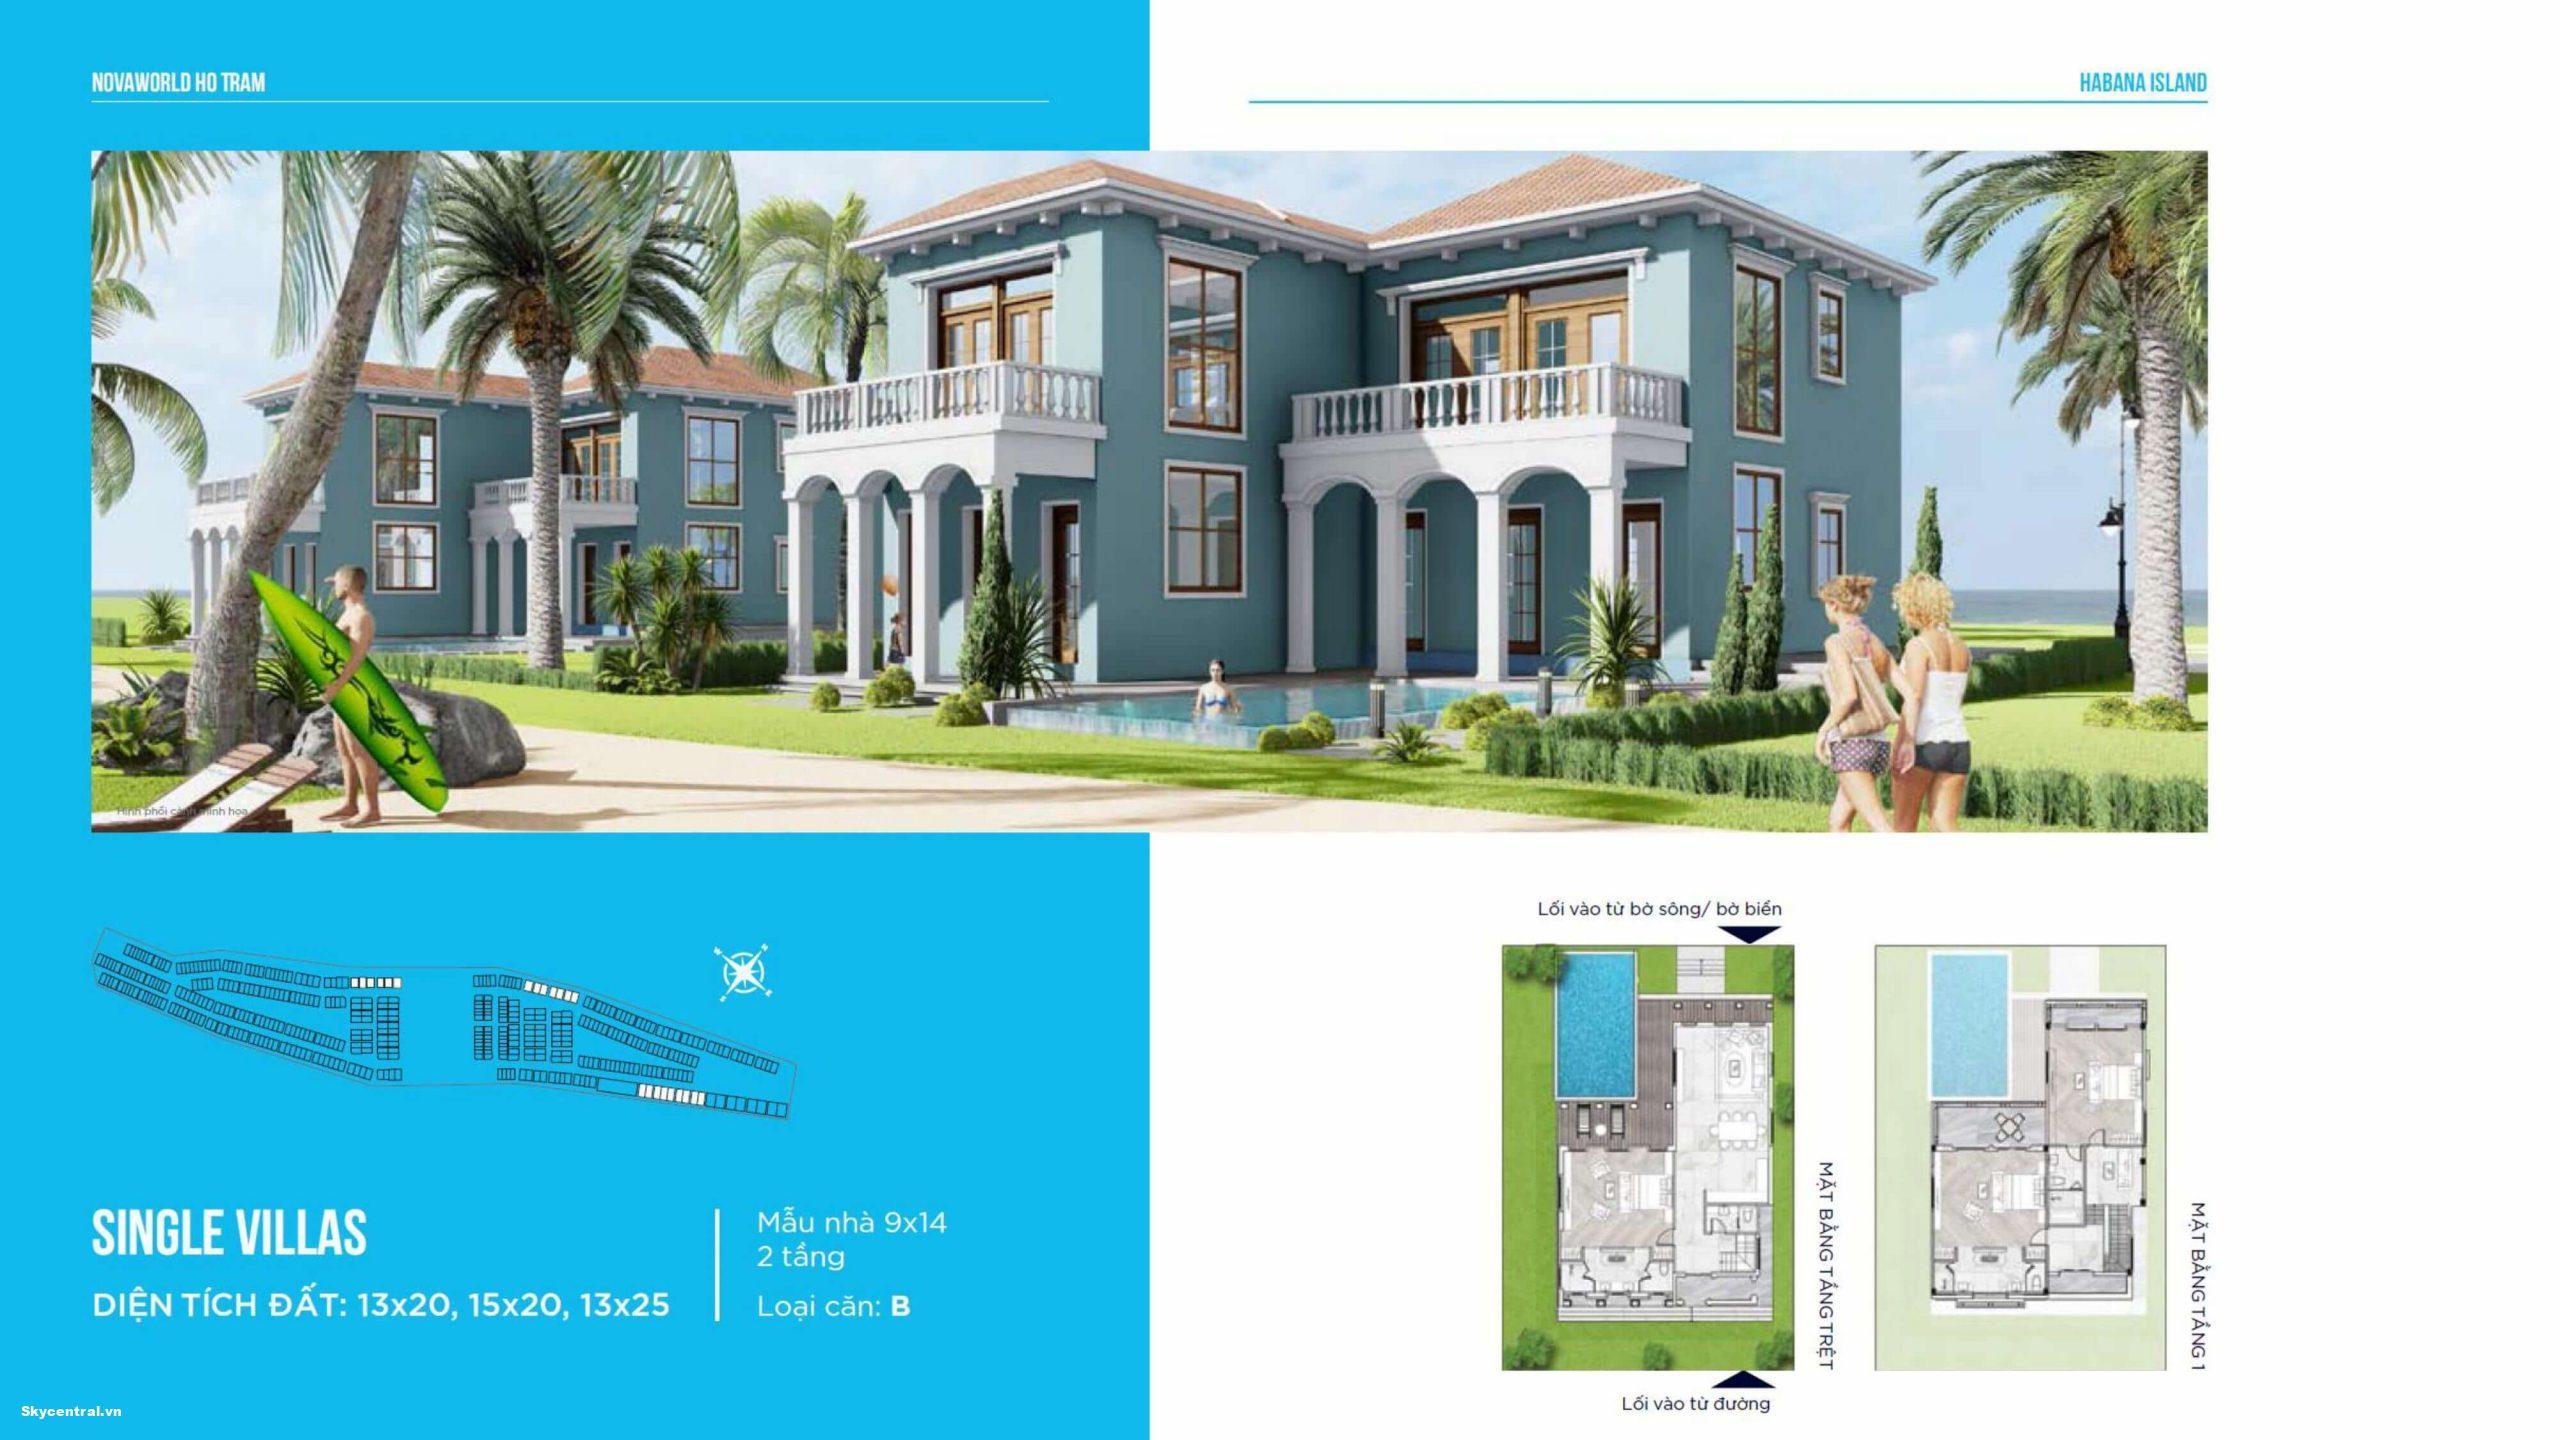 thiết kế dự án novaland island